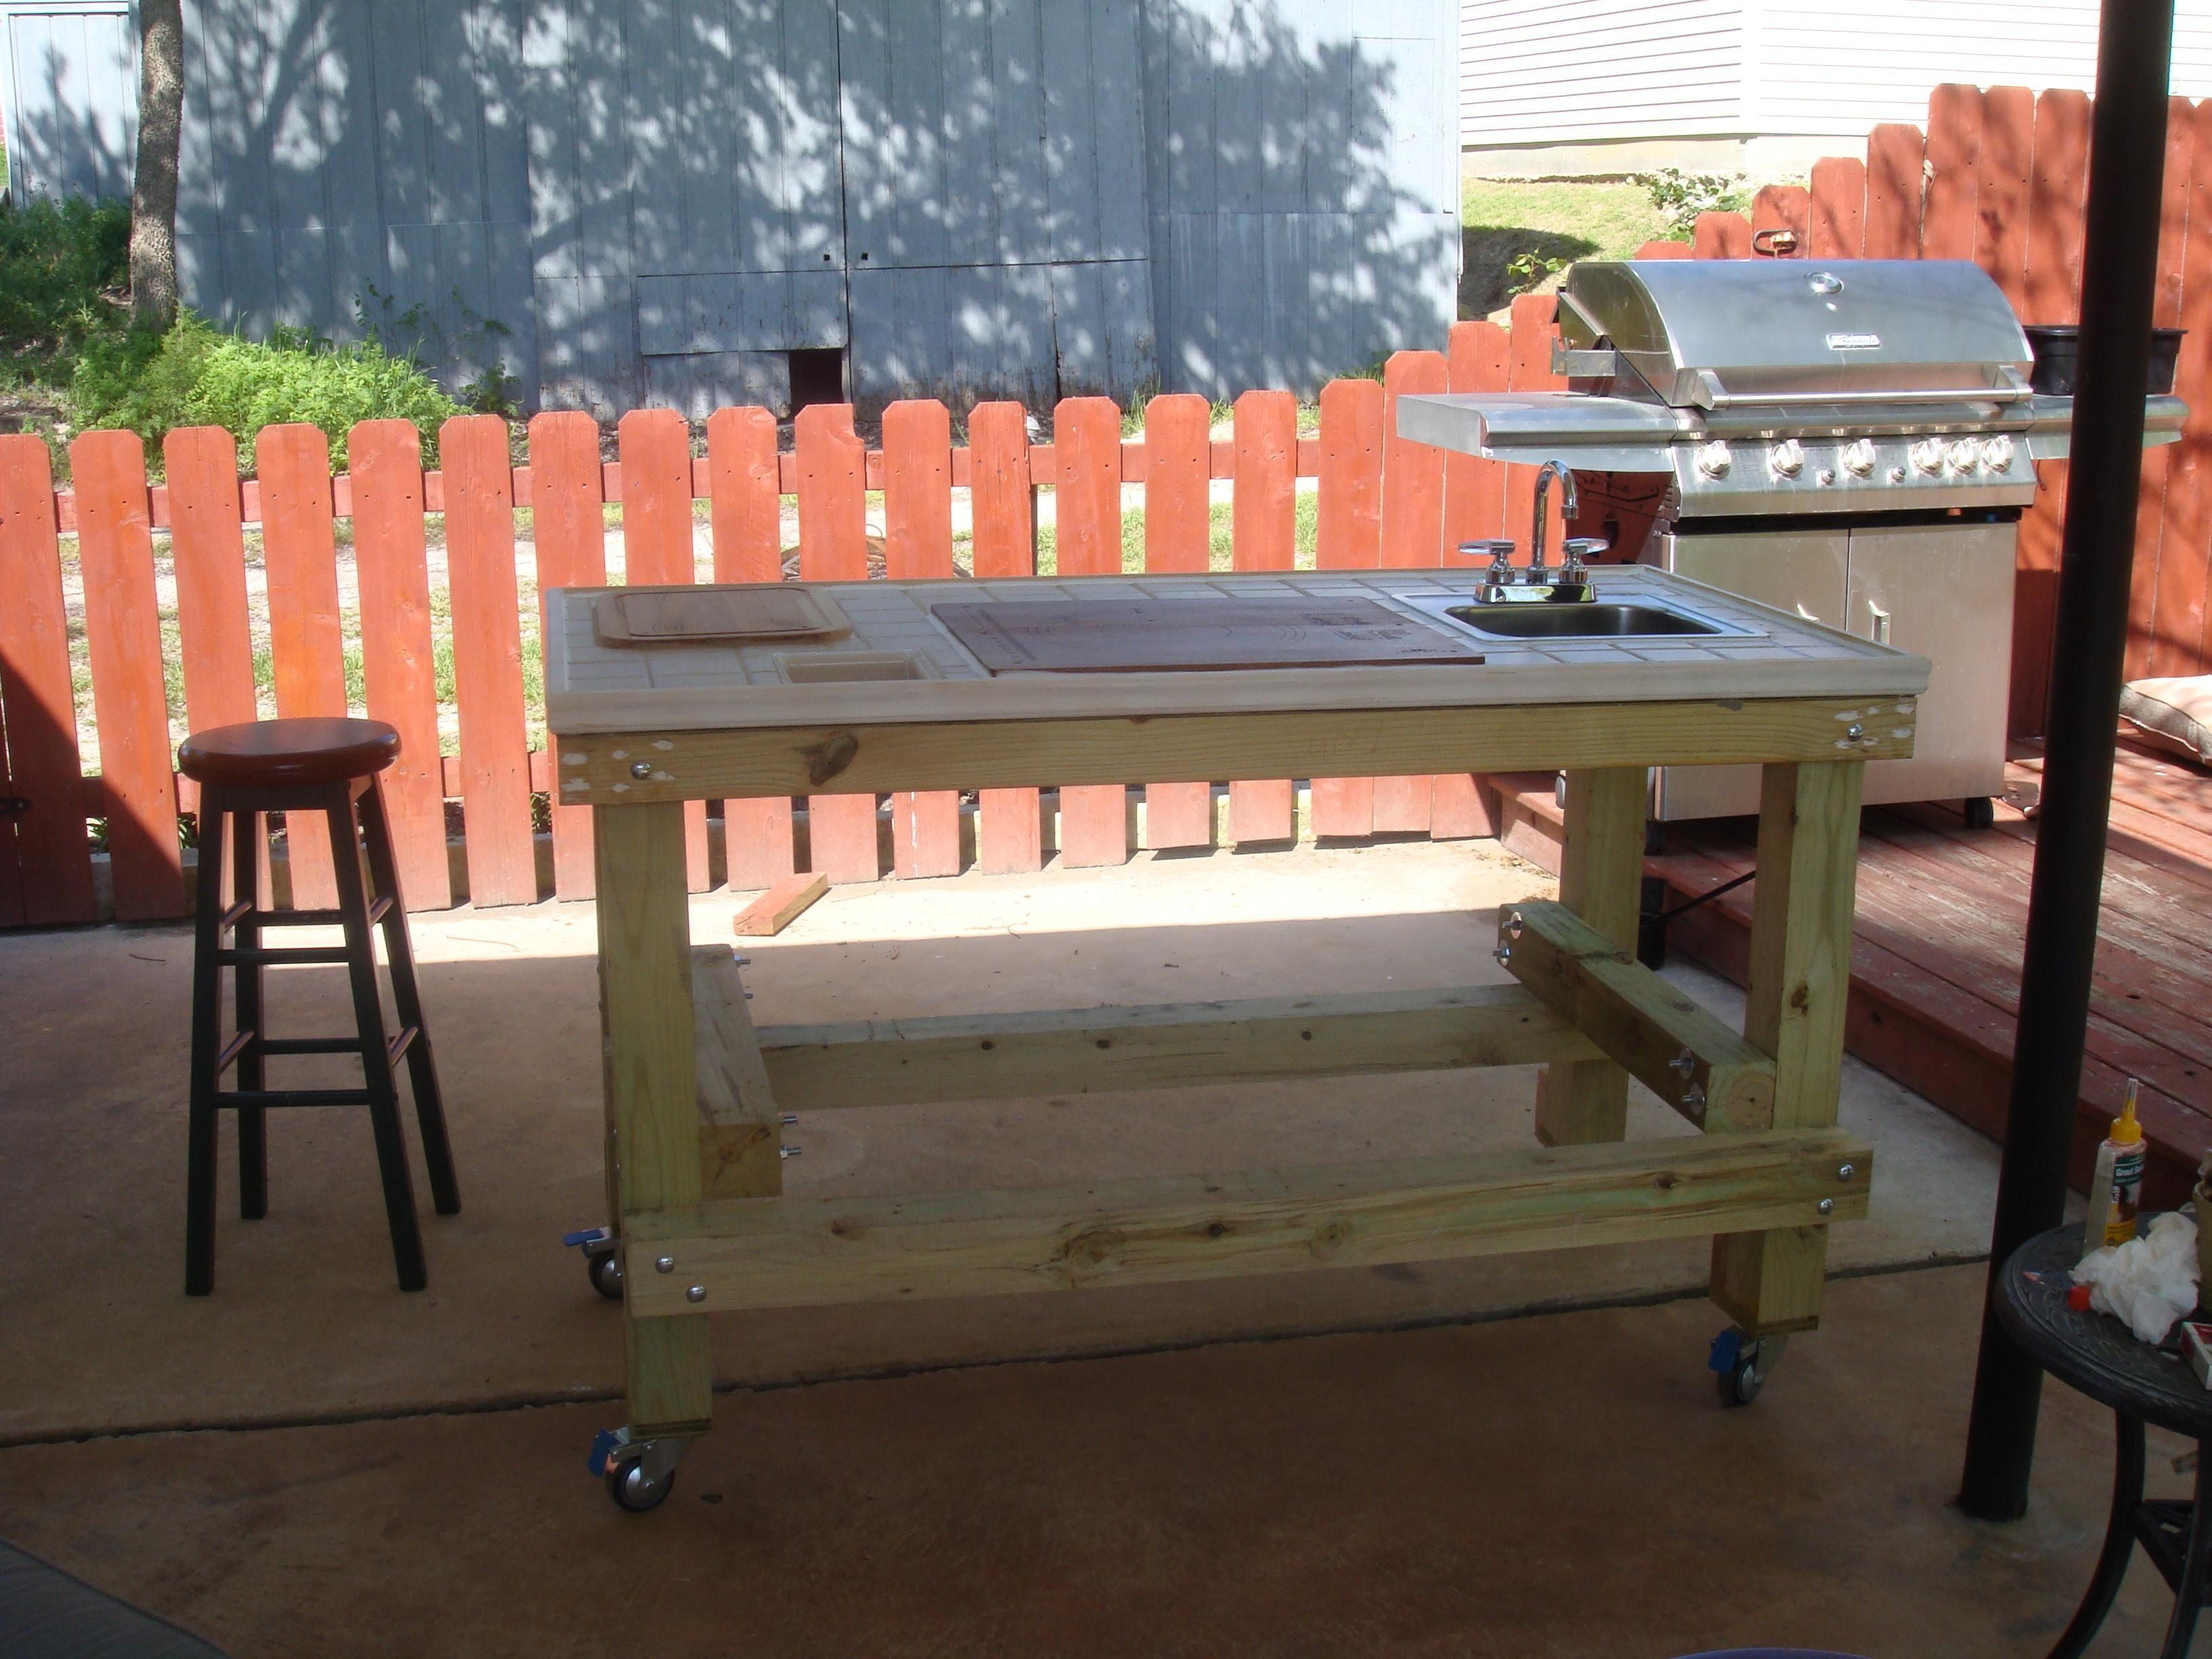 Outdoor Grill Prep Cart Kitchen Sink Design Sink Design Indoor Outdoor Kitchen